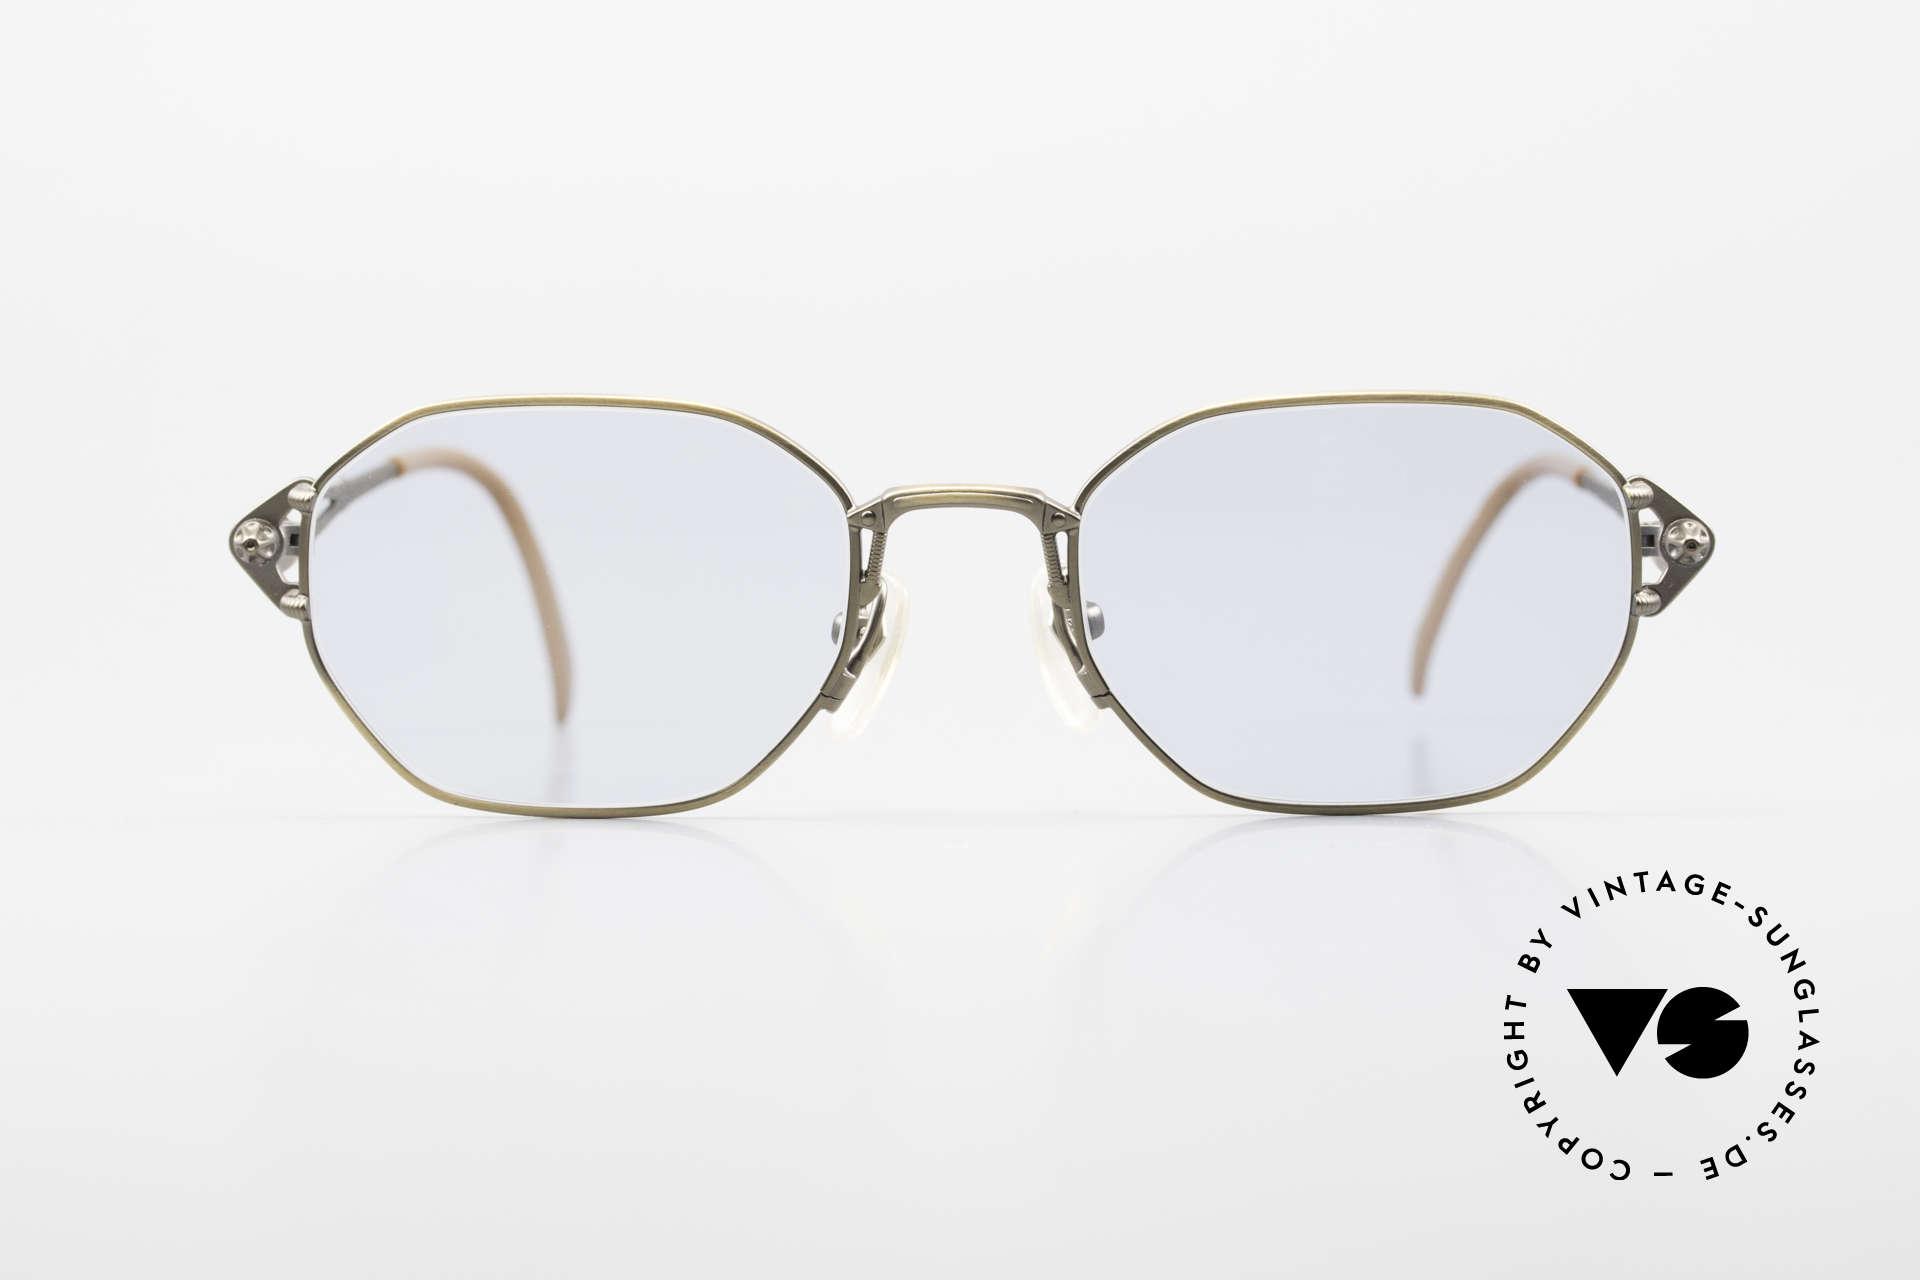 Jean Paul Gaultier 55-6106 Alte 90er Designer Sonnenbrille, robustes Gestell mit großartigen Details (Bügelansatz), Passend für Herren und Damen